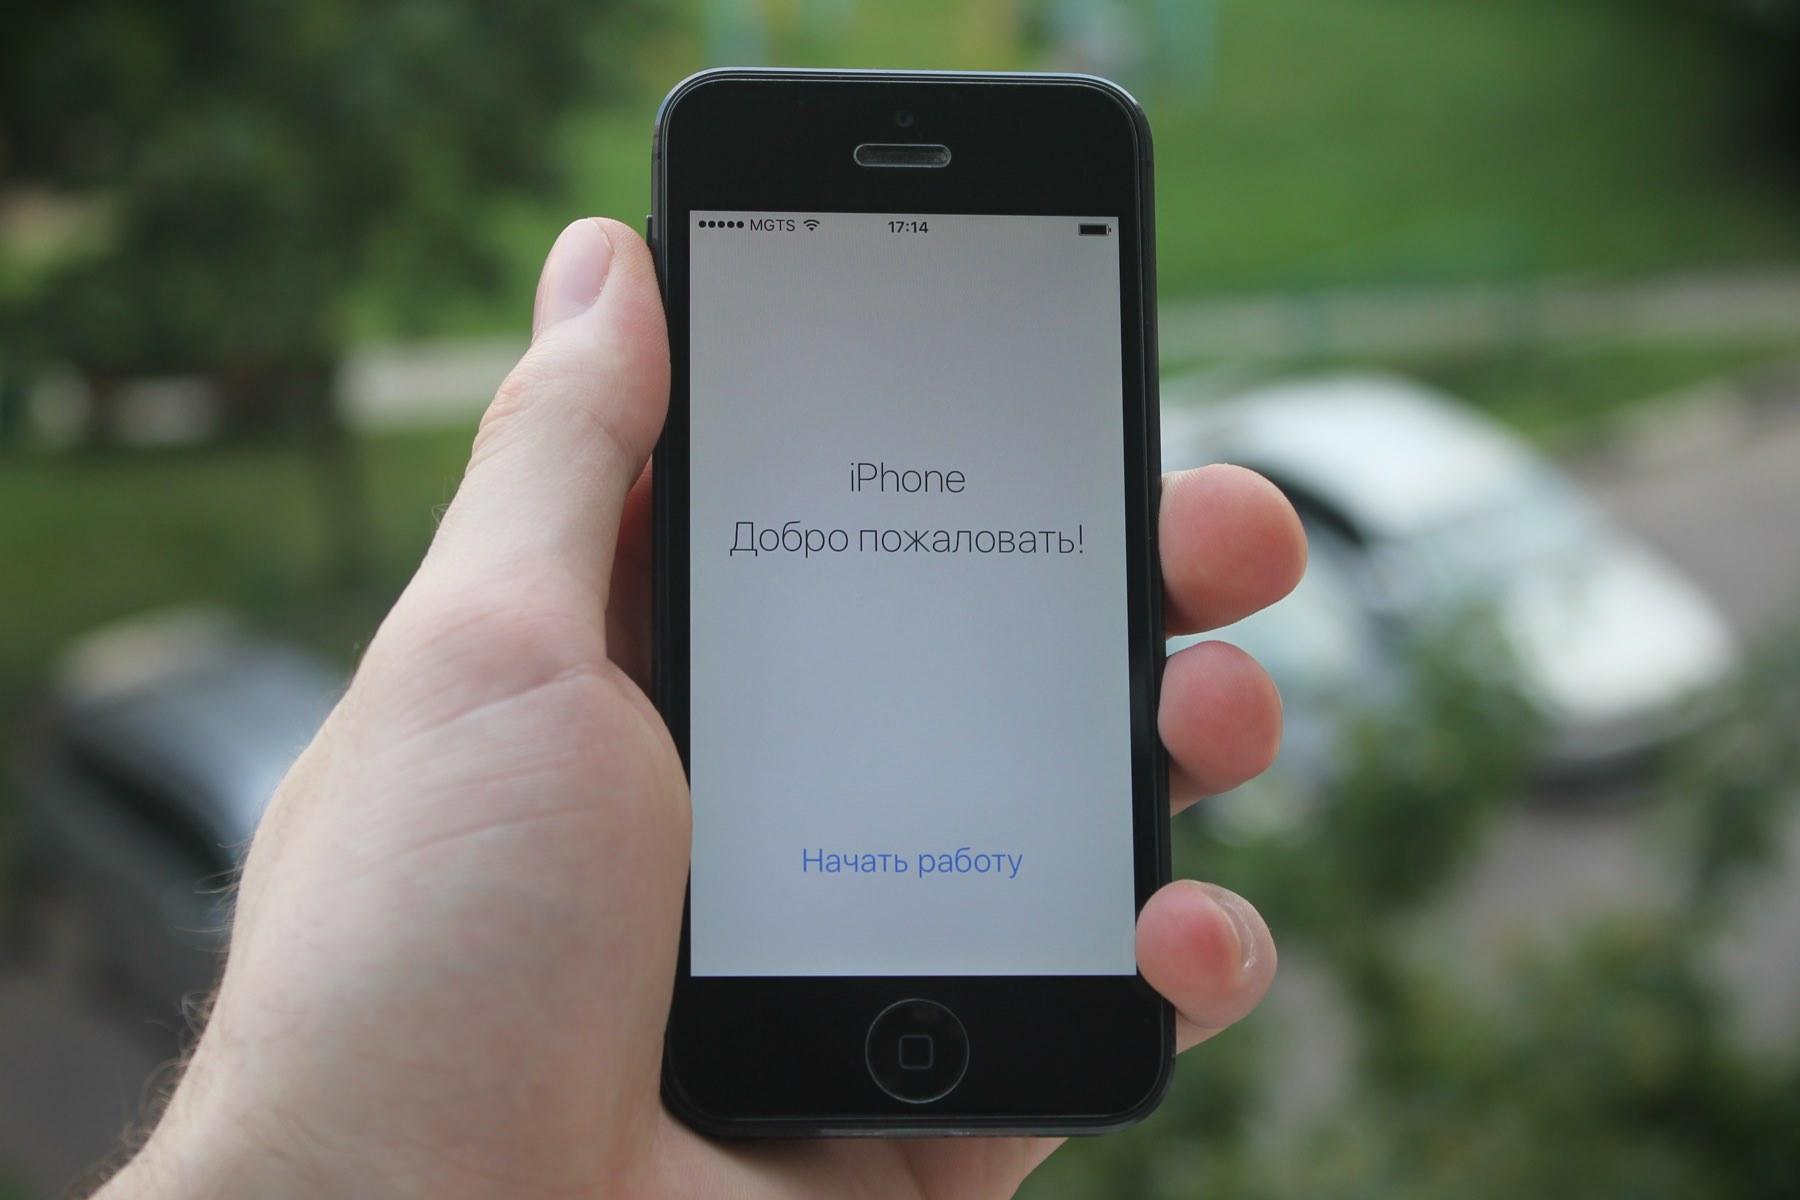 iOS 10 Downgrade iOS 9 iPhone iPad 1 3